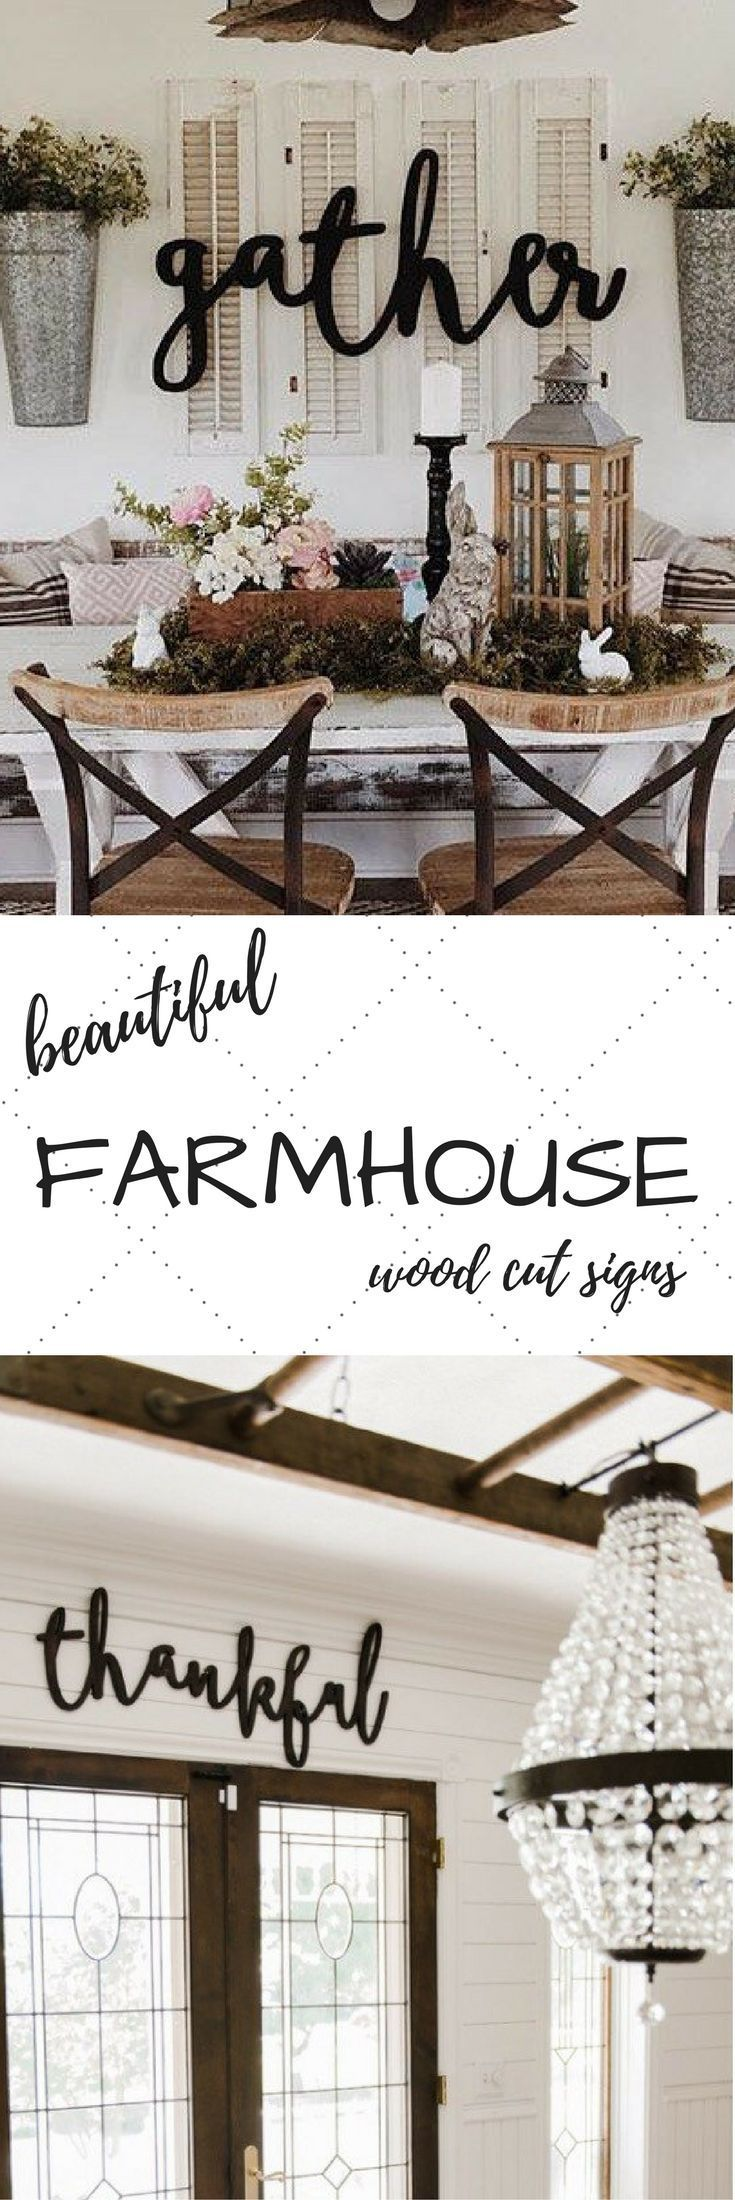 best 25+ farmhouse decor ideas on pinterest | farm kitchen decor